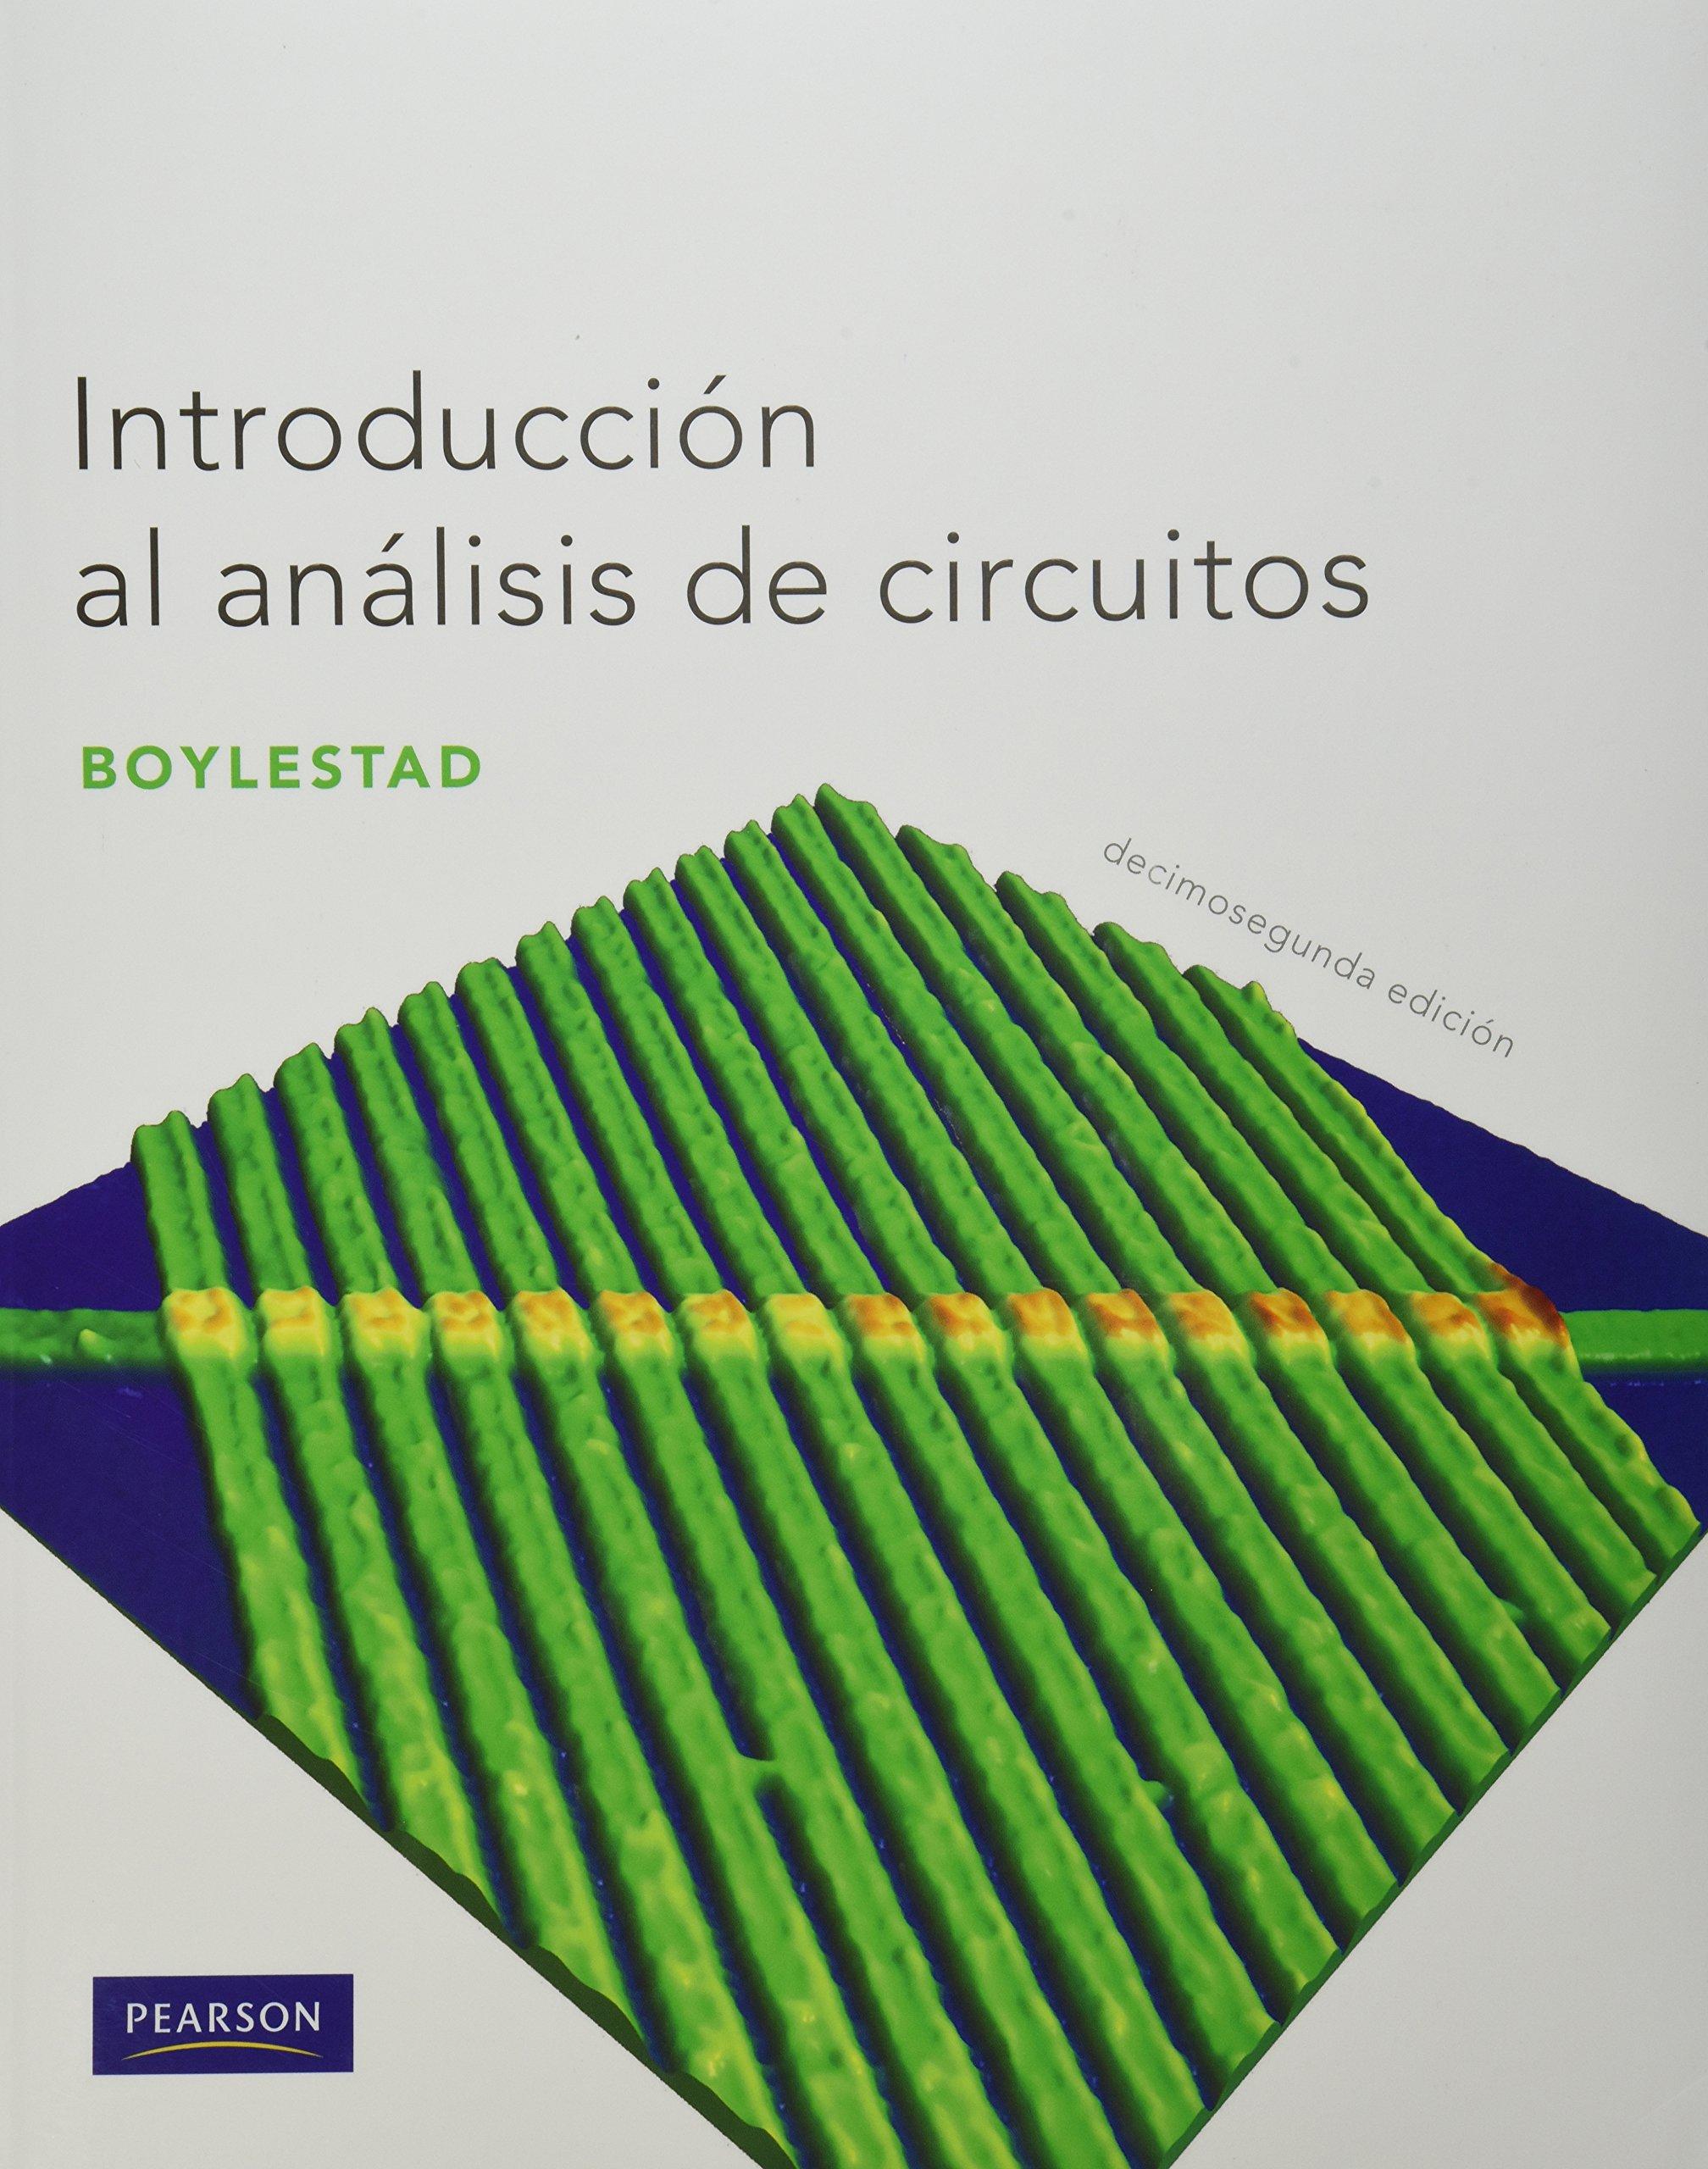 introduccion al analisis de circuitos boylestad